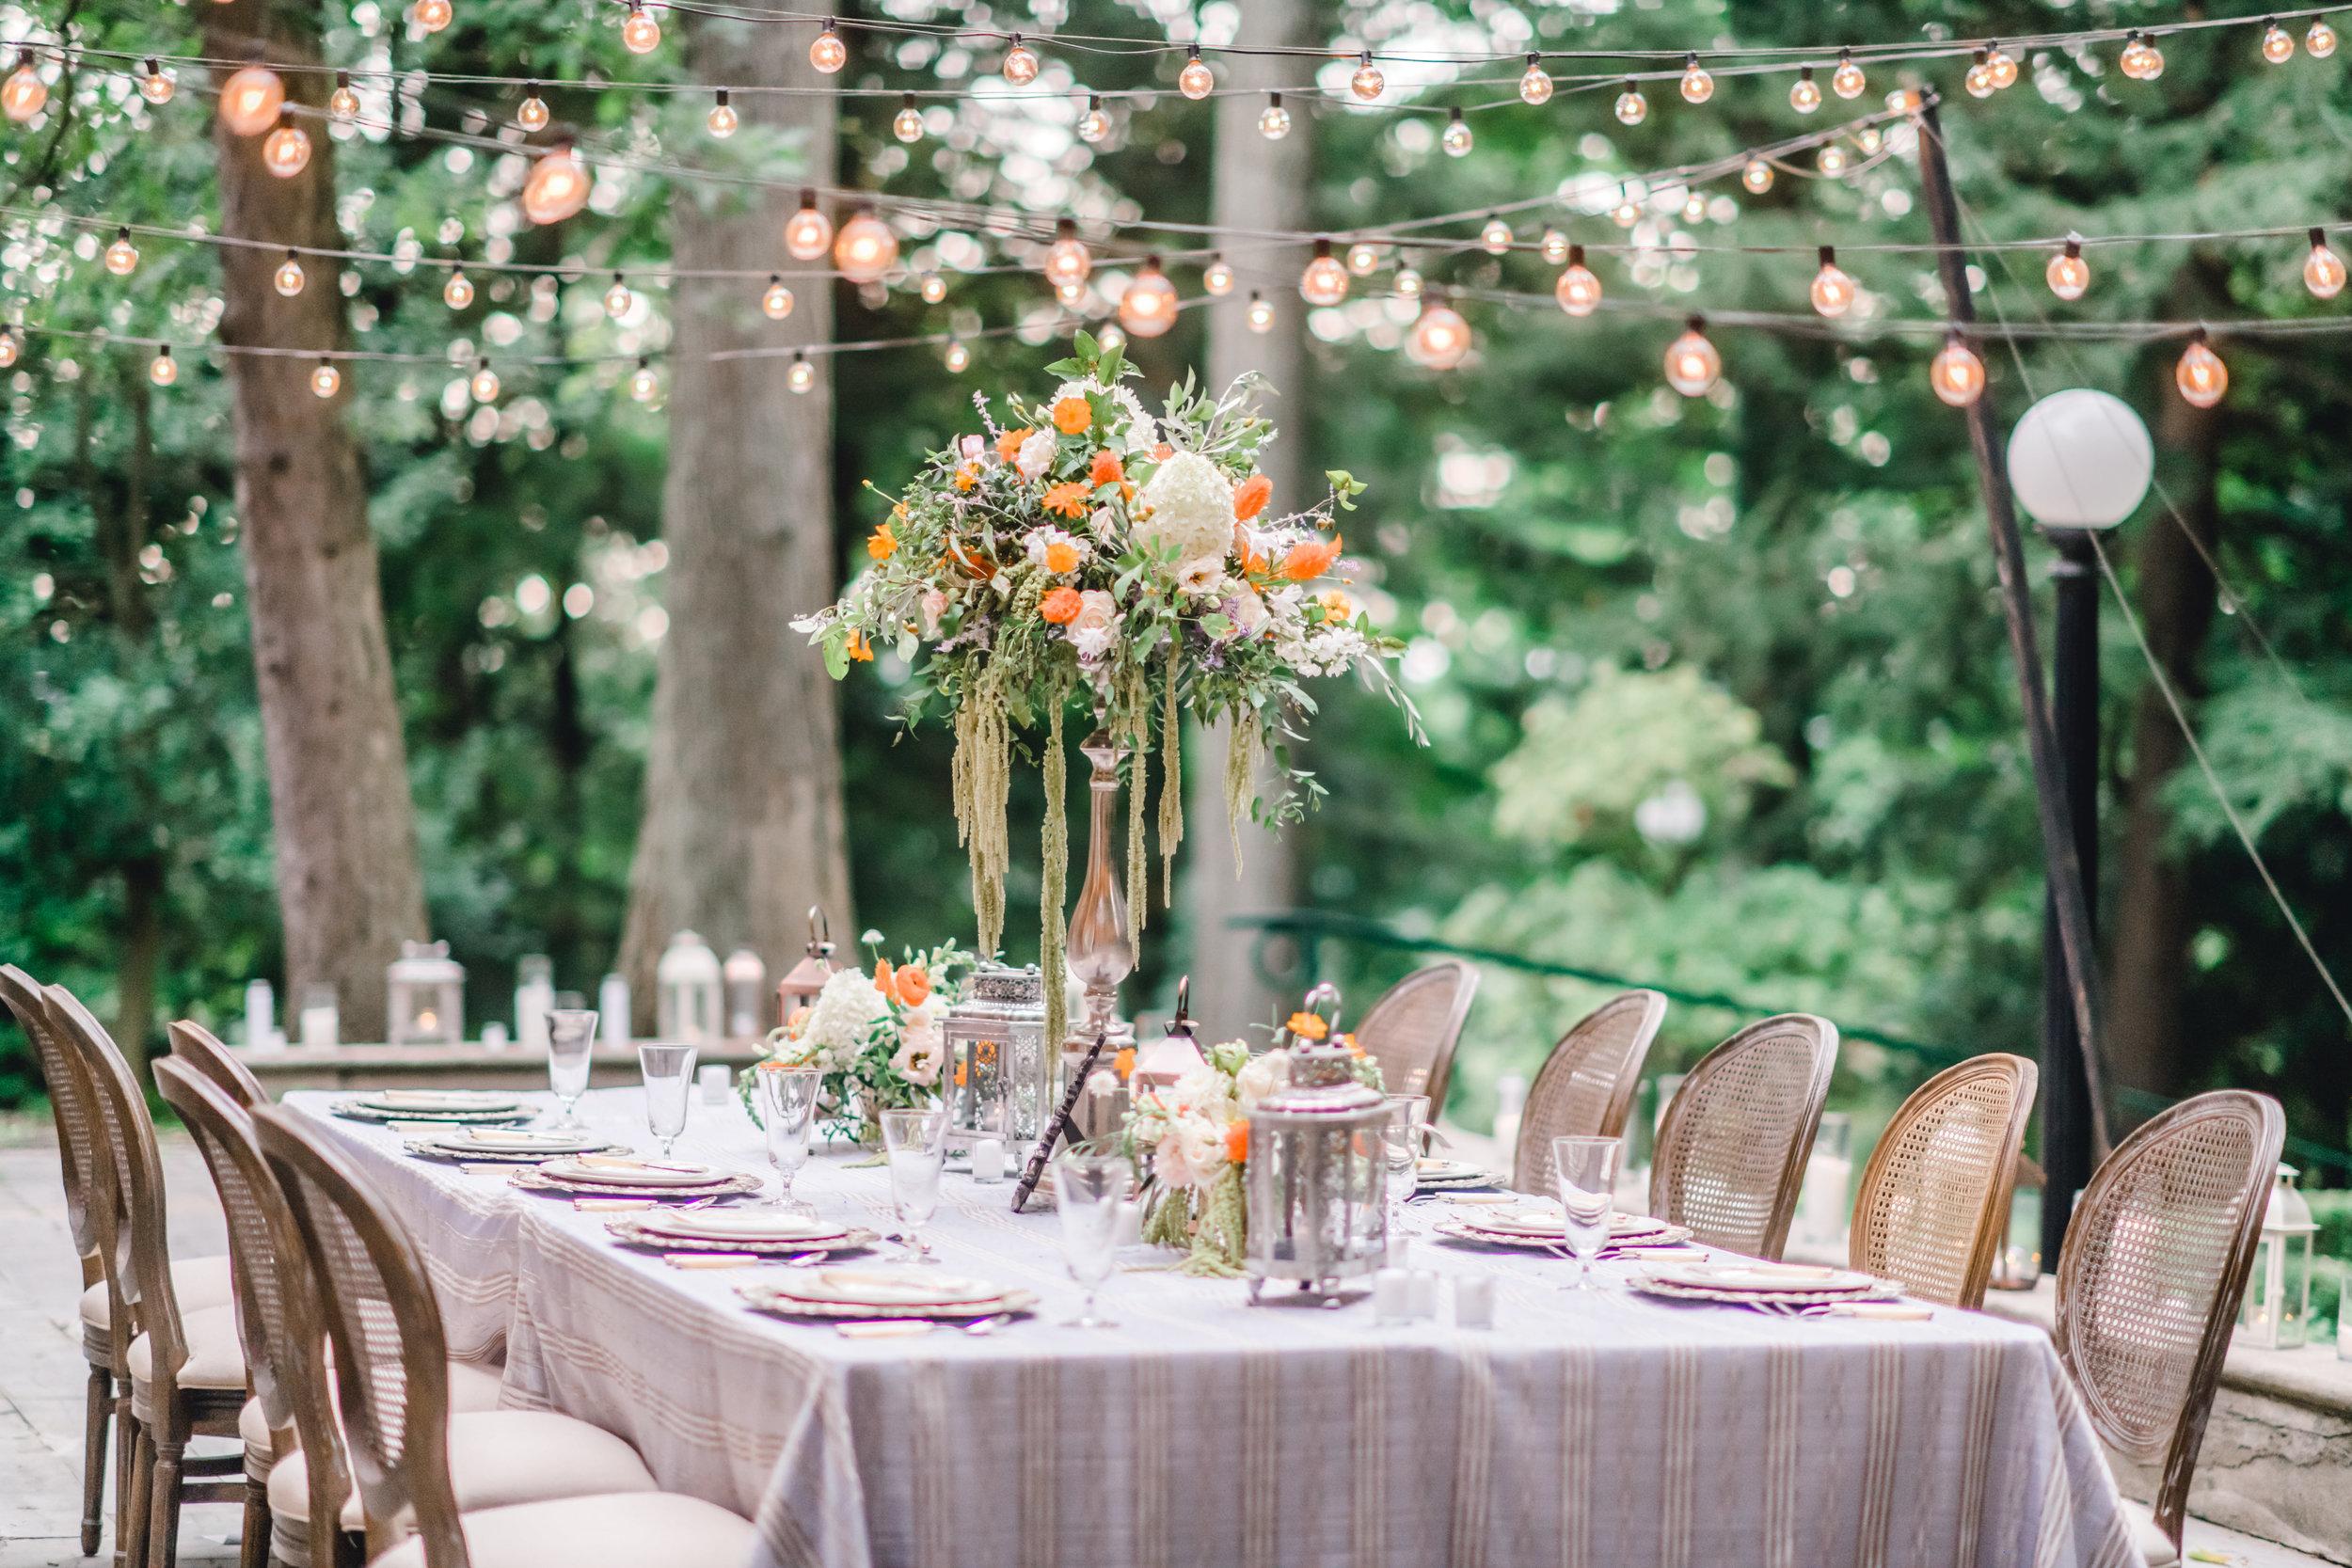 Jessica-Garda-Events-Pittsburgh-Wedding-Planner-Mansion-Butler-Blue-Grey-Orange-Palette